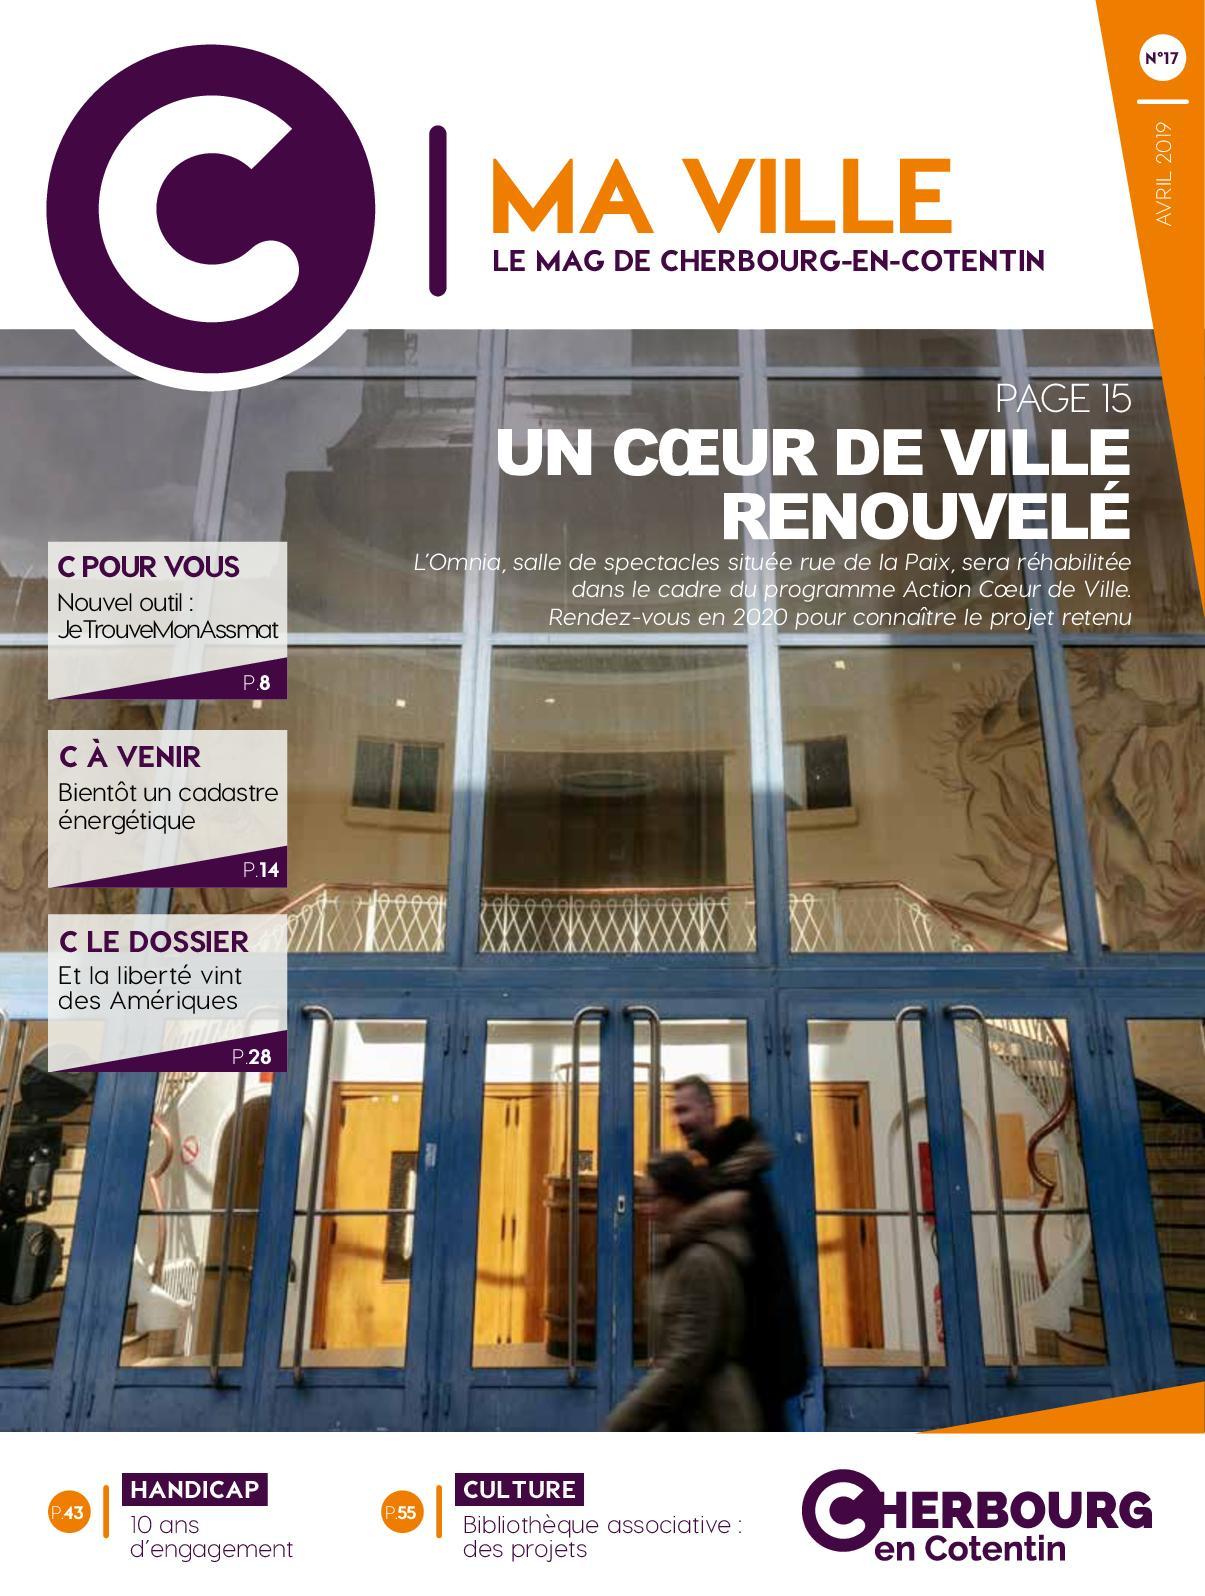 En Ma avril2019 De Calaméo Cotentin Le C Ville17 Mag Cherbourg dBsQrhCxt